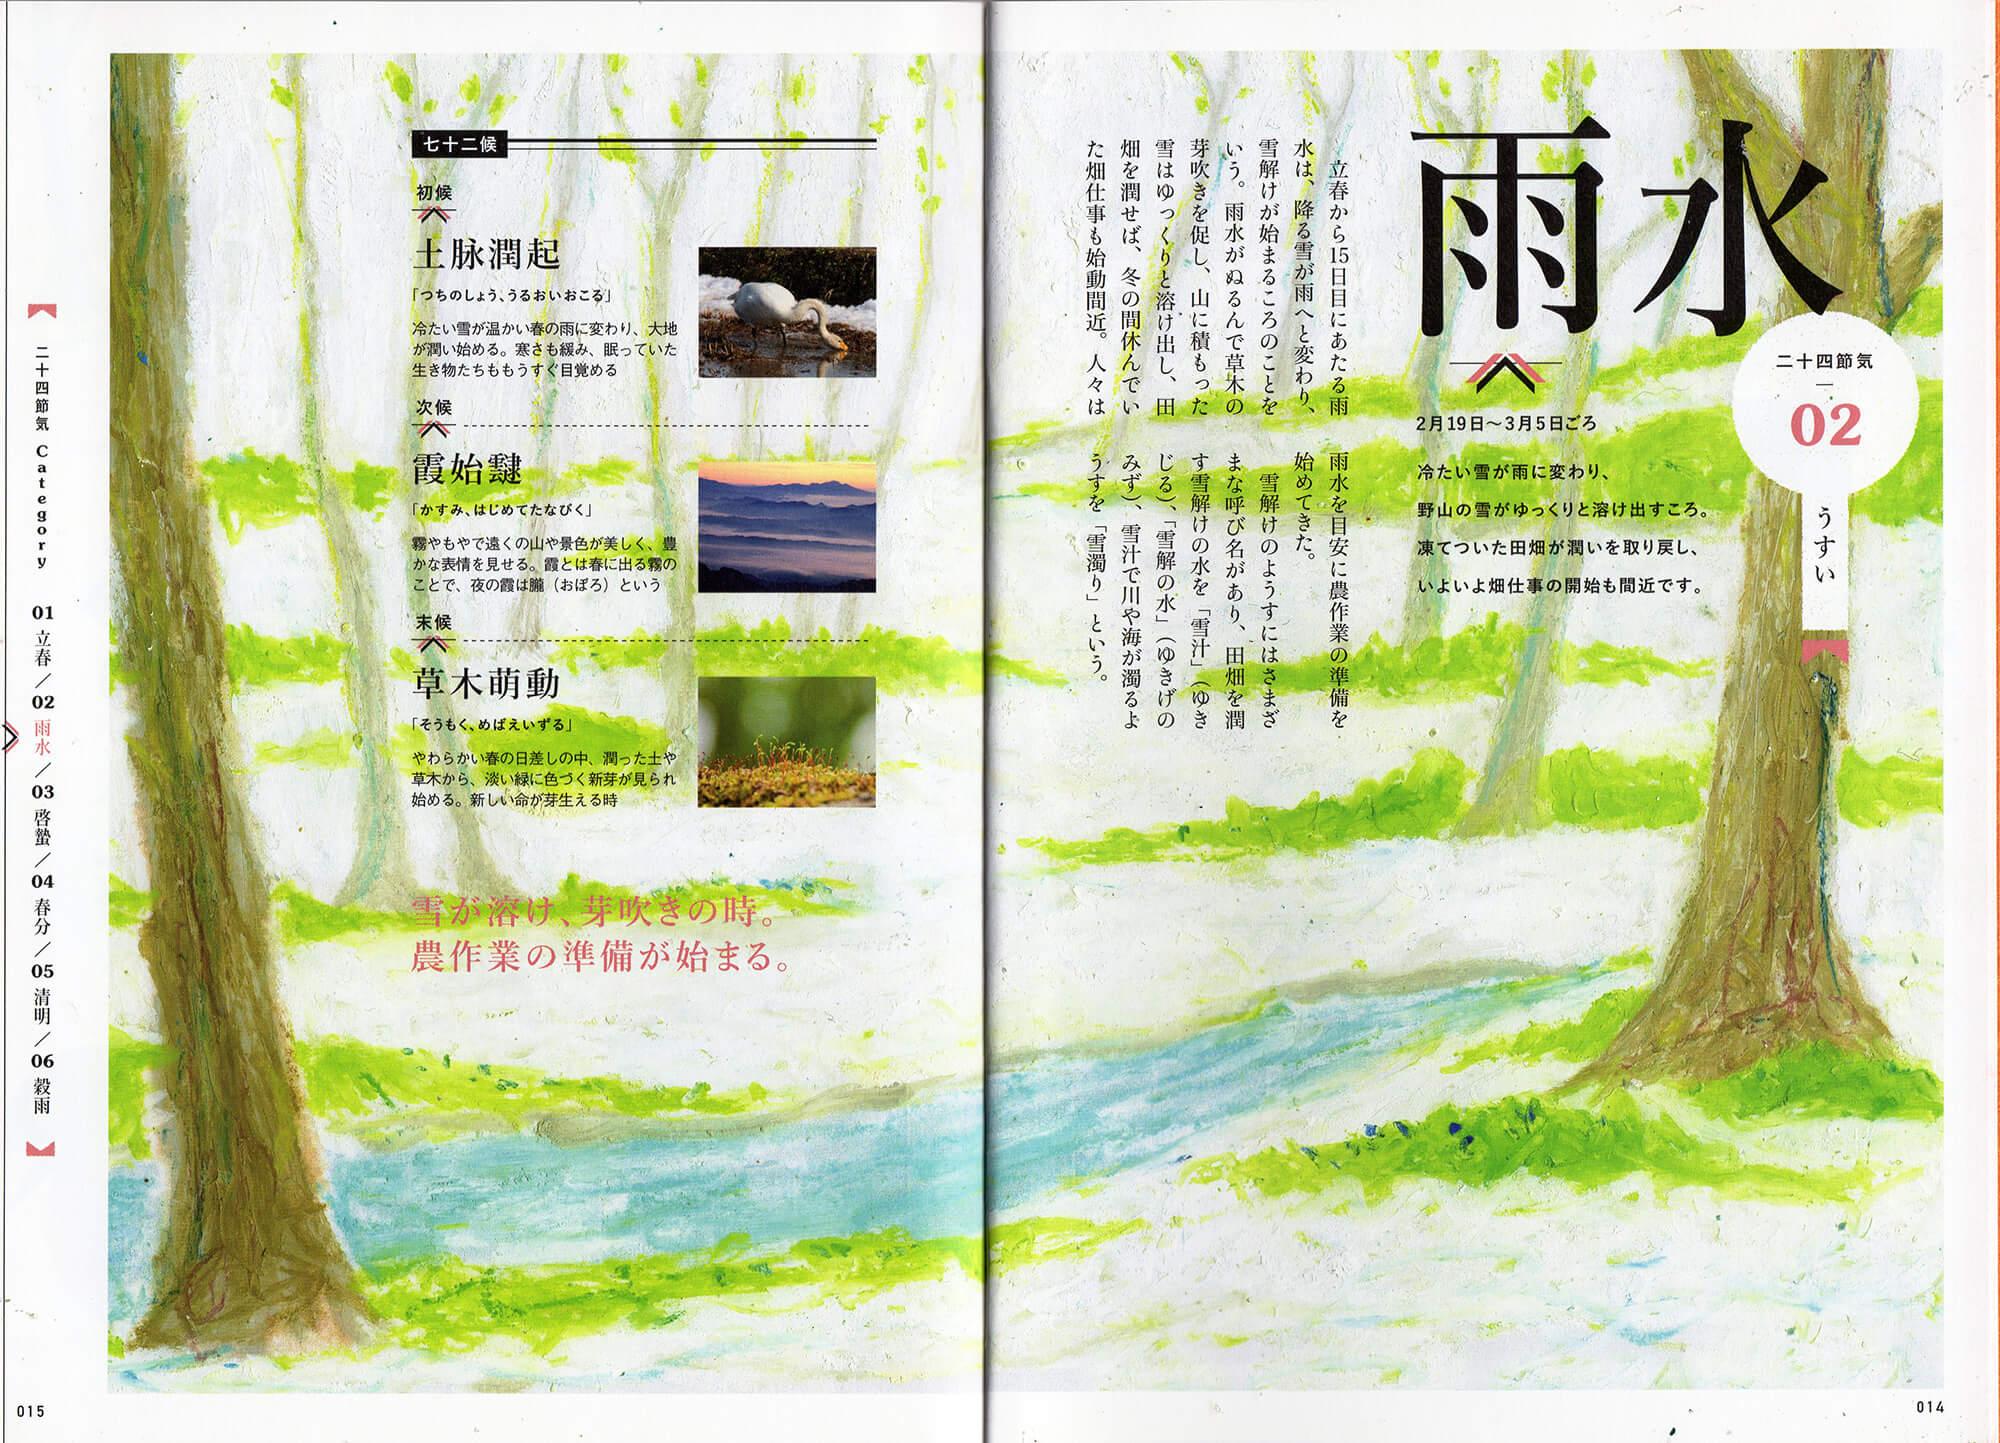 「にっぽんの七十二候」挿絵 枻出版「雨水」